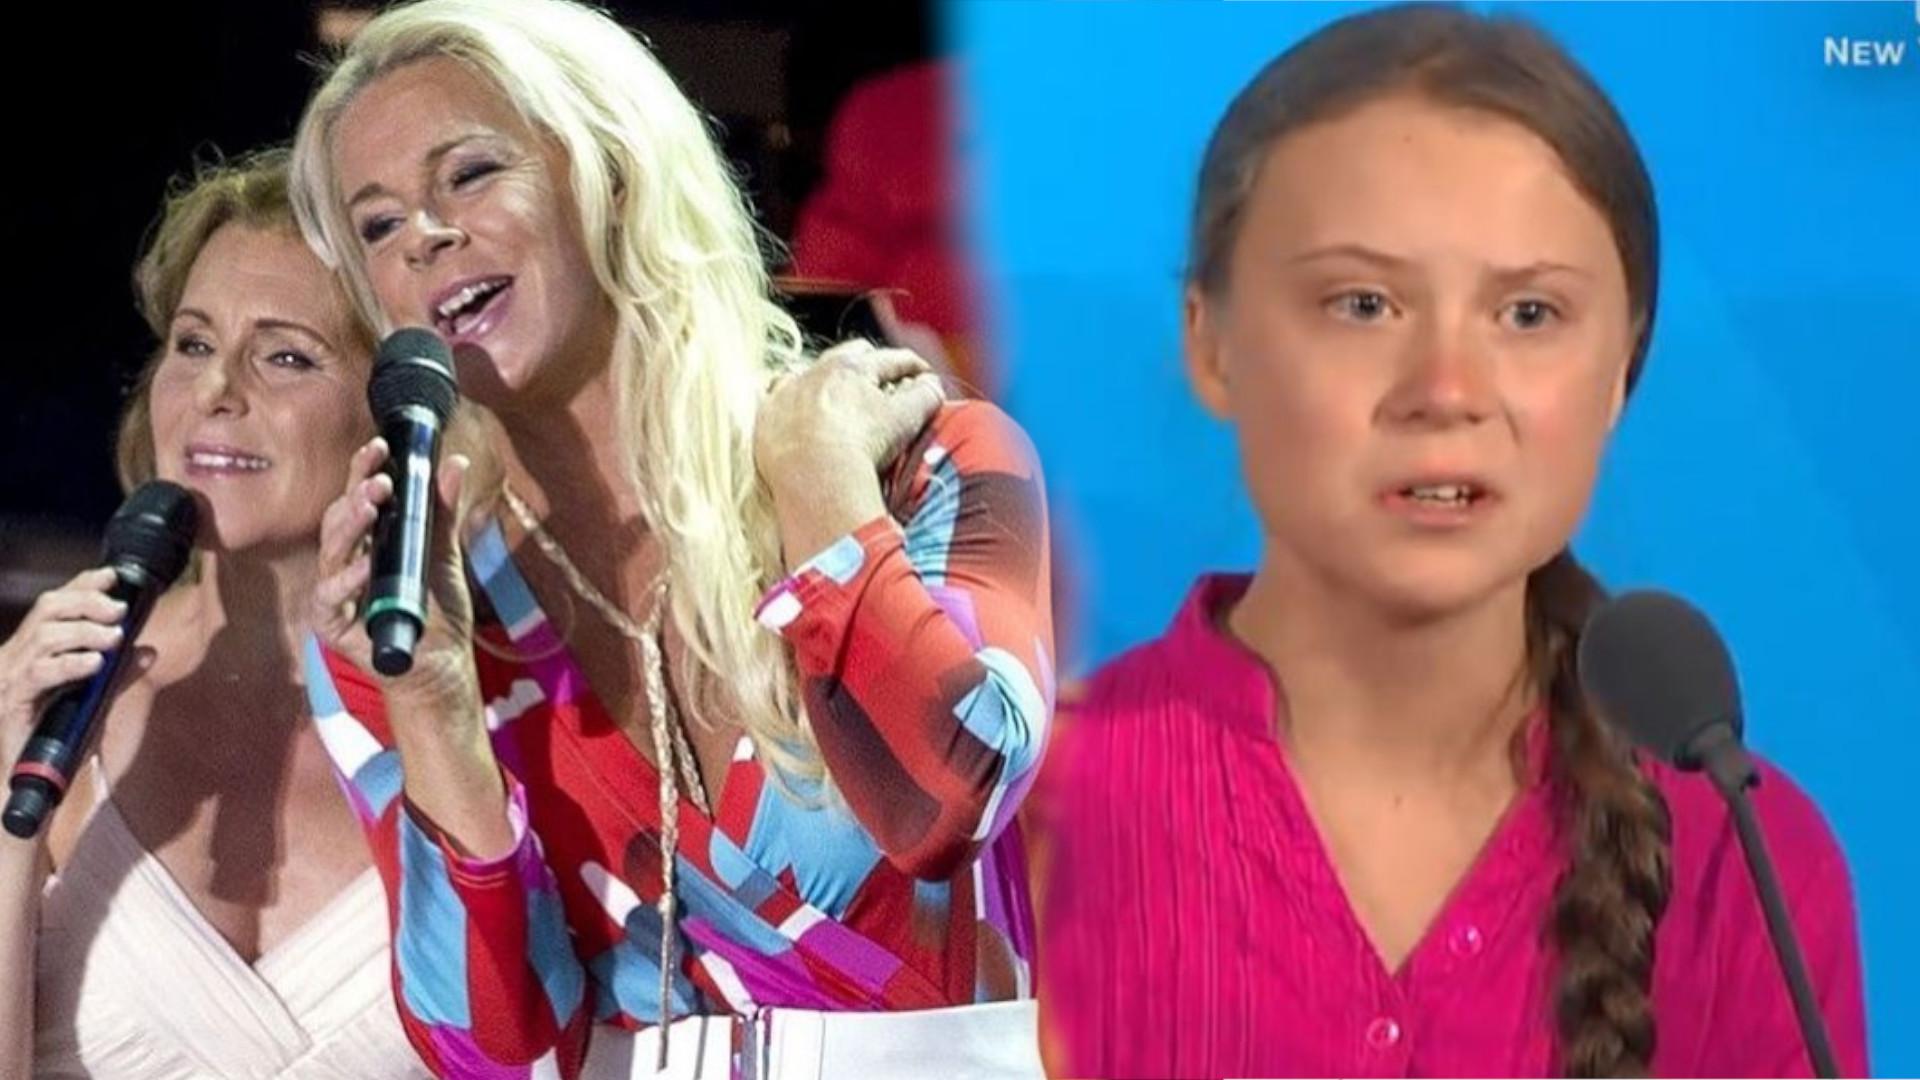 OMG! Matka Grety Thunberg jest znaną piosenkarką